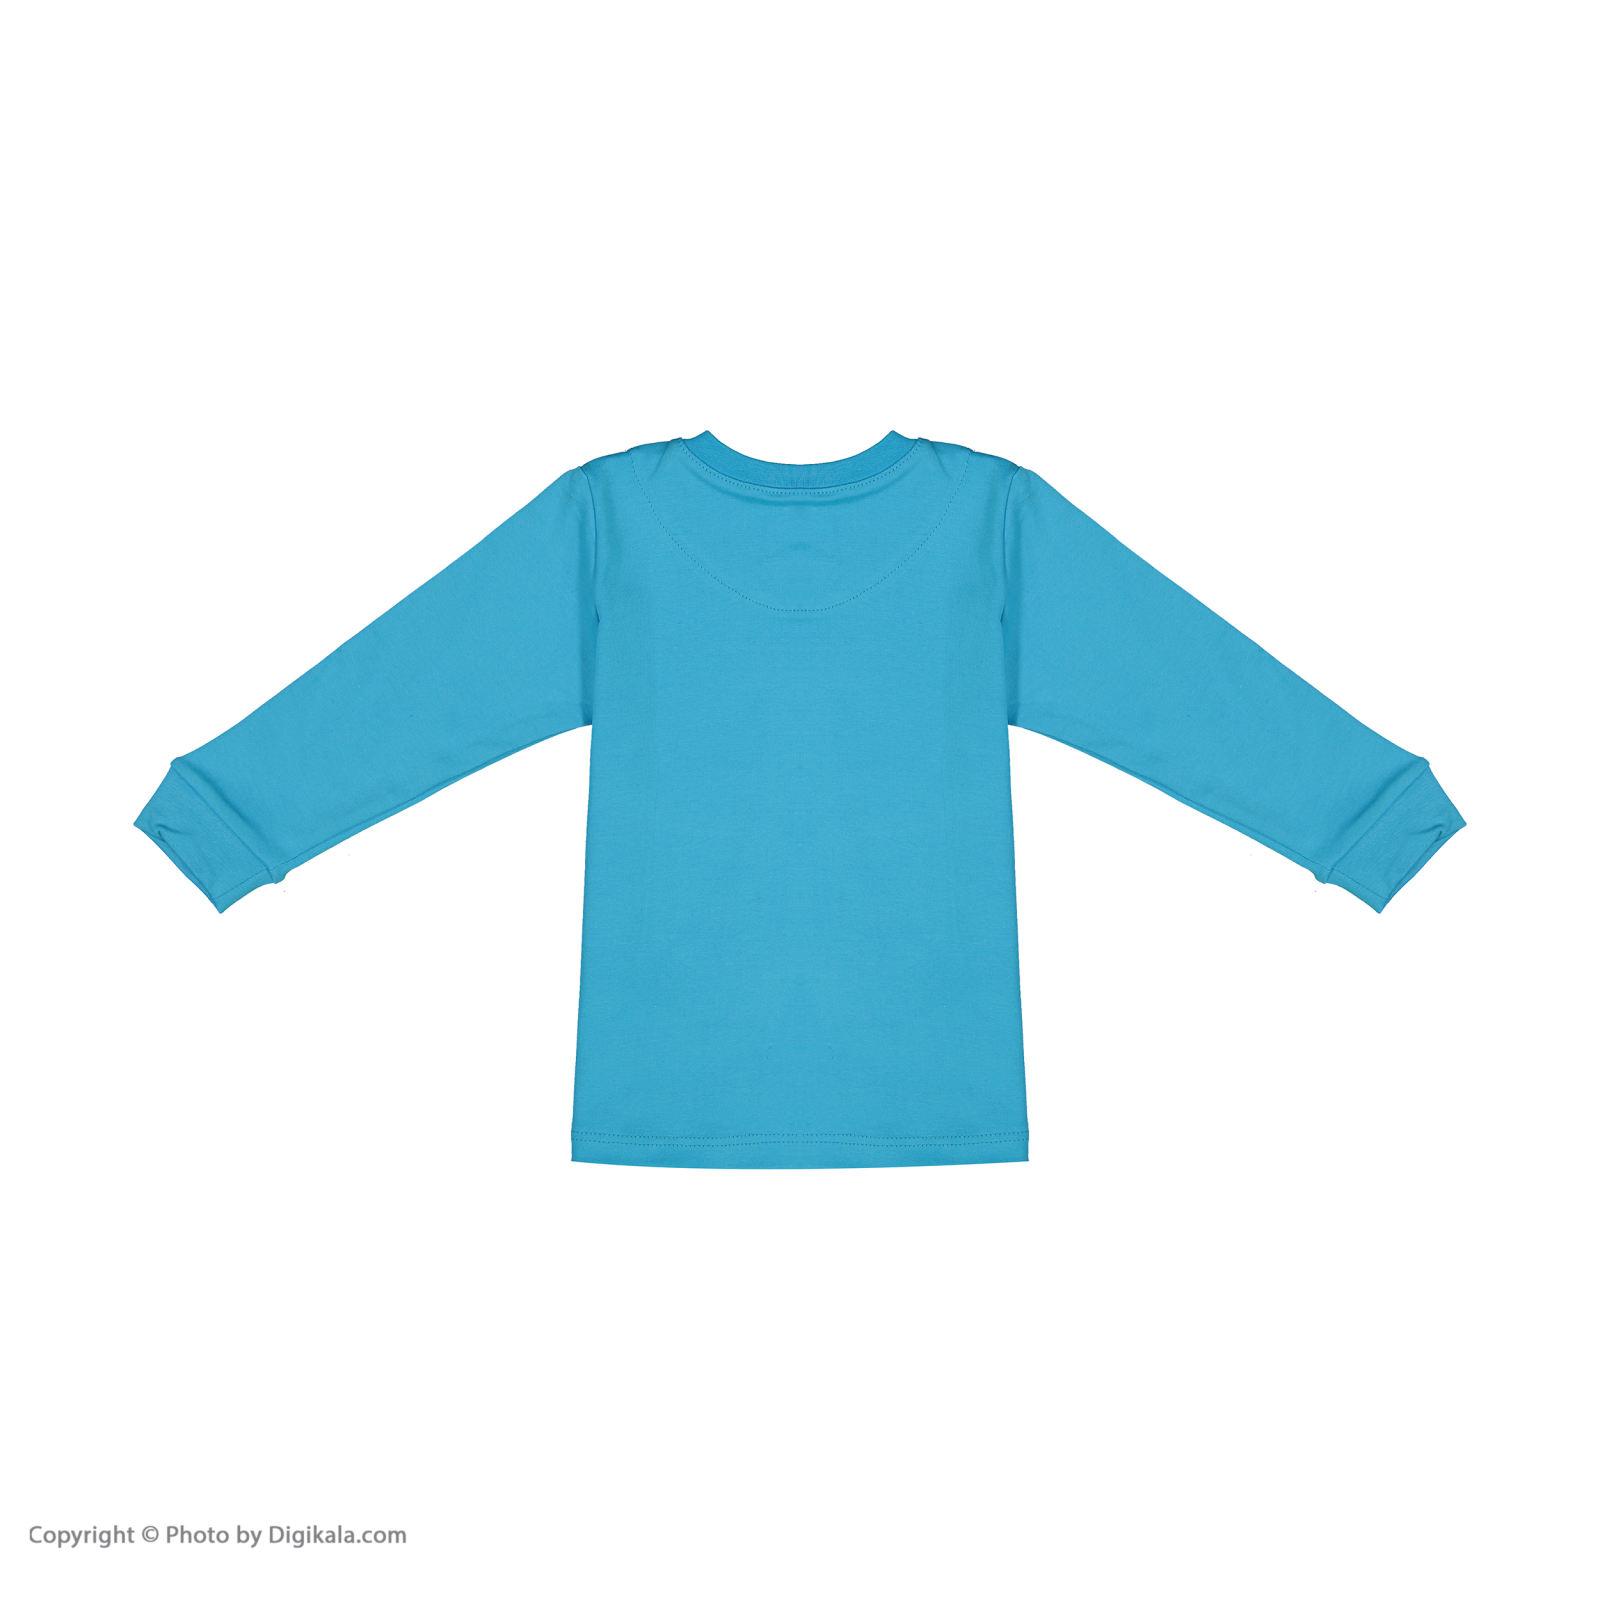 ست تی شرت و شلوار پسرانه مادر مدل 318-53 main 1 3